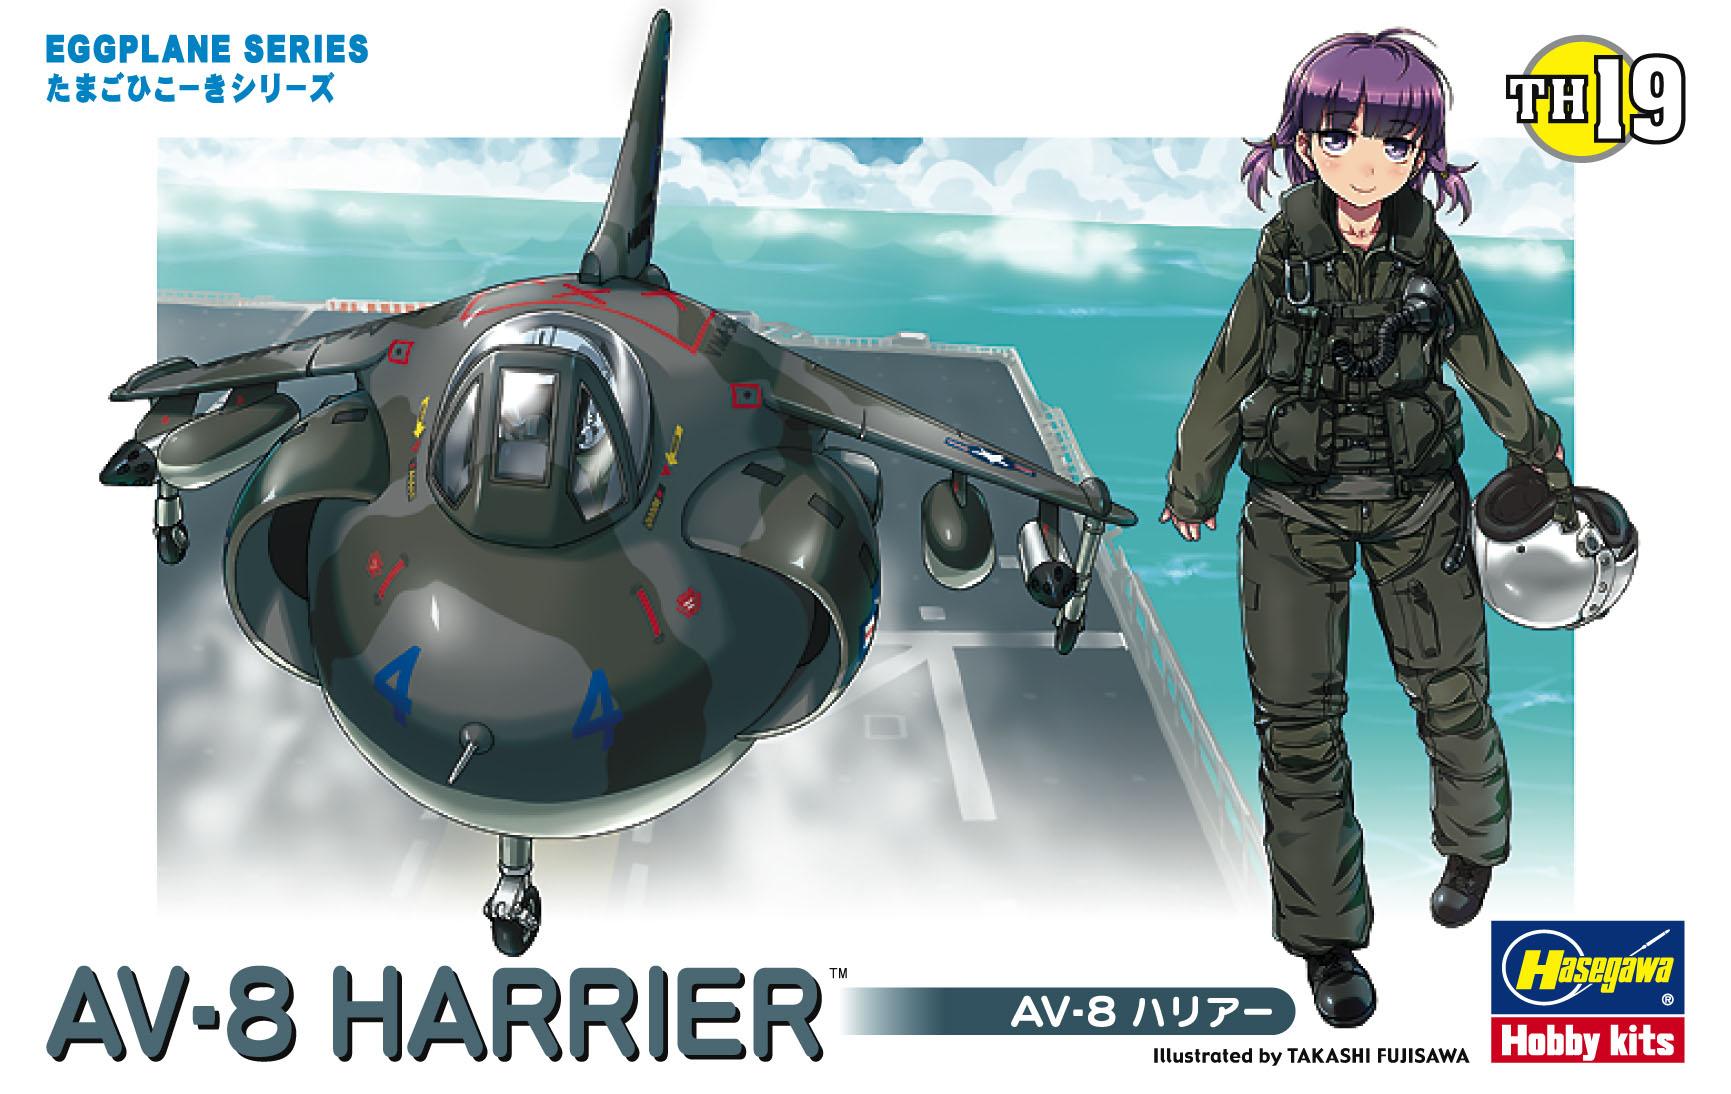 Hasegawa Egg Plane Av-8 Harrier